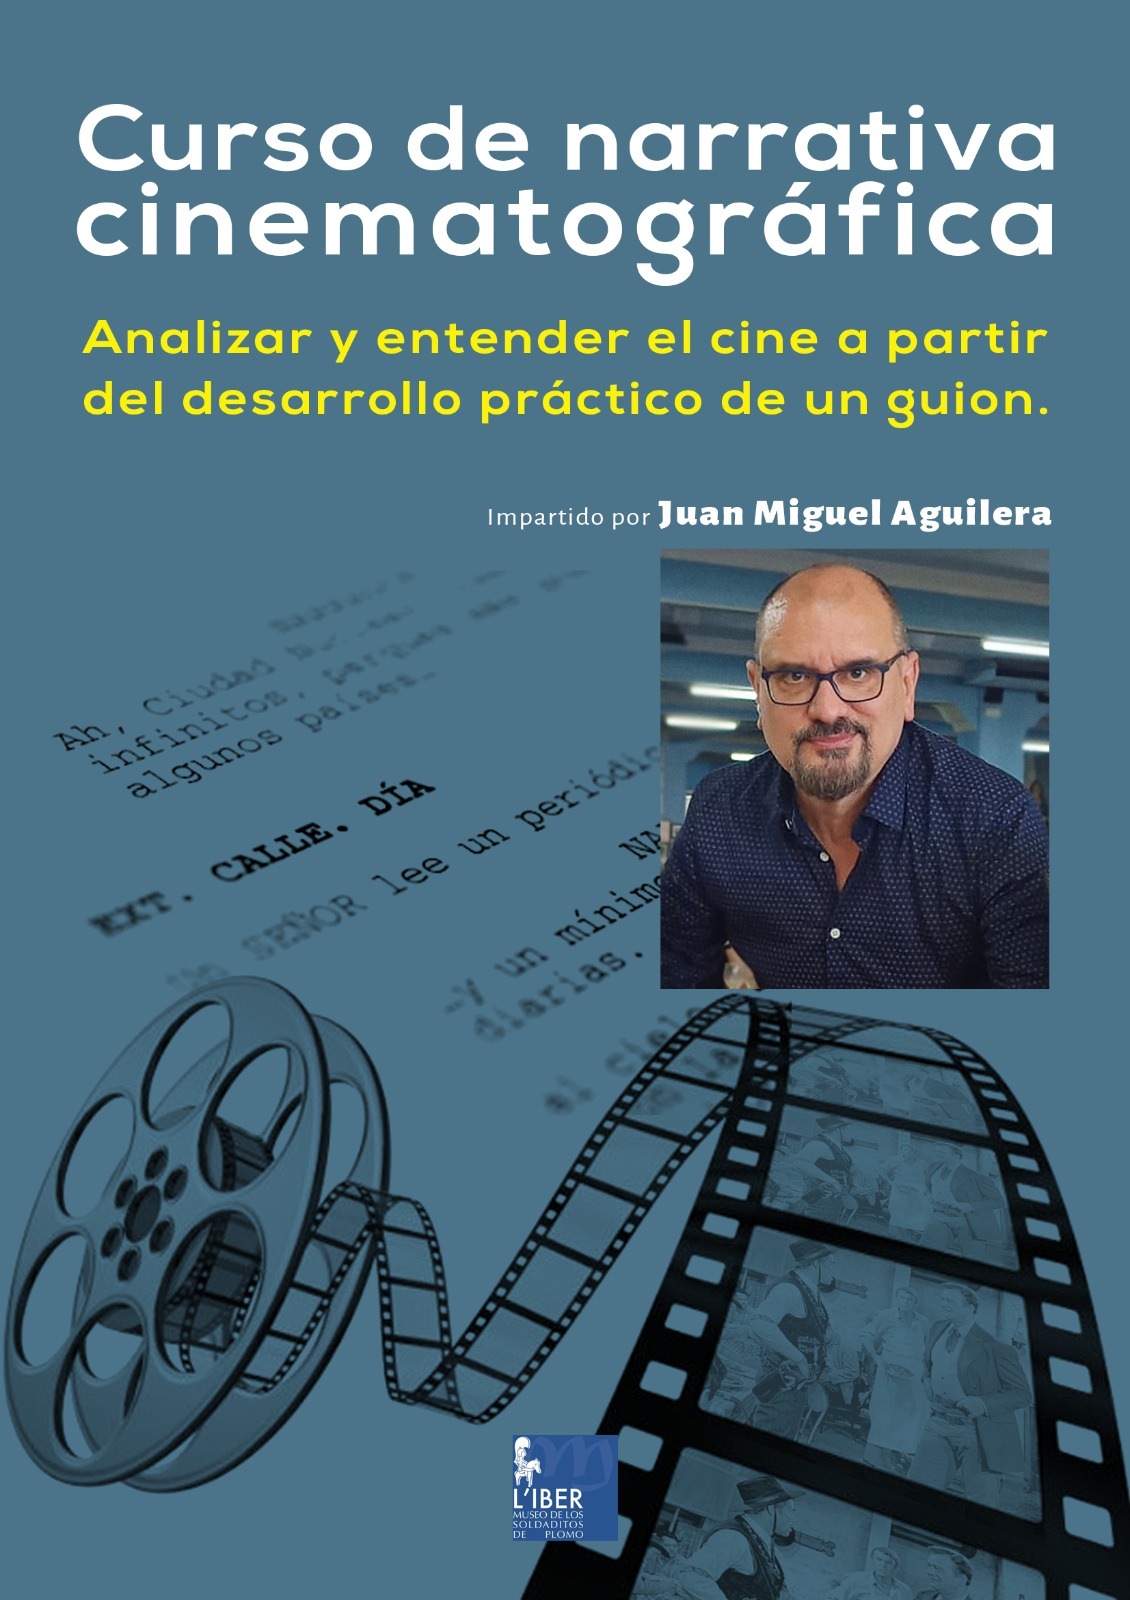 Curso de narrativa cinematográfica. analizar y entender el cine a partir del desarrollo práctico de un guion